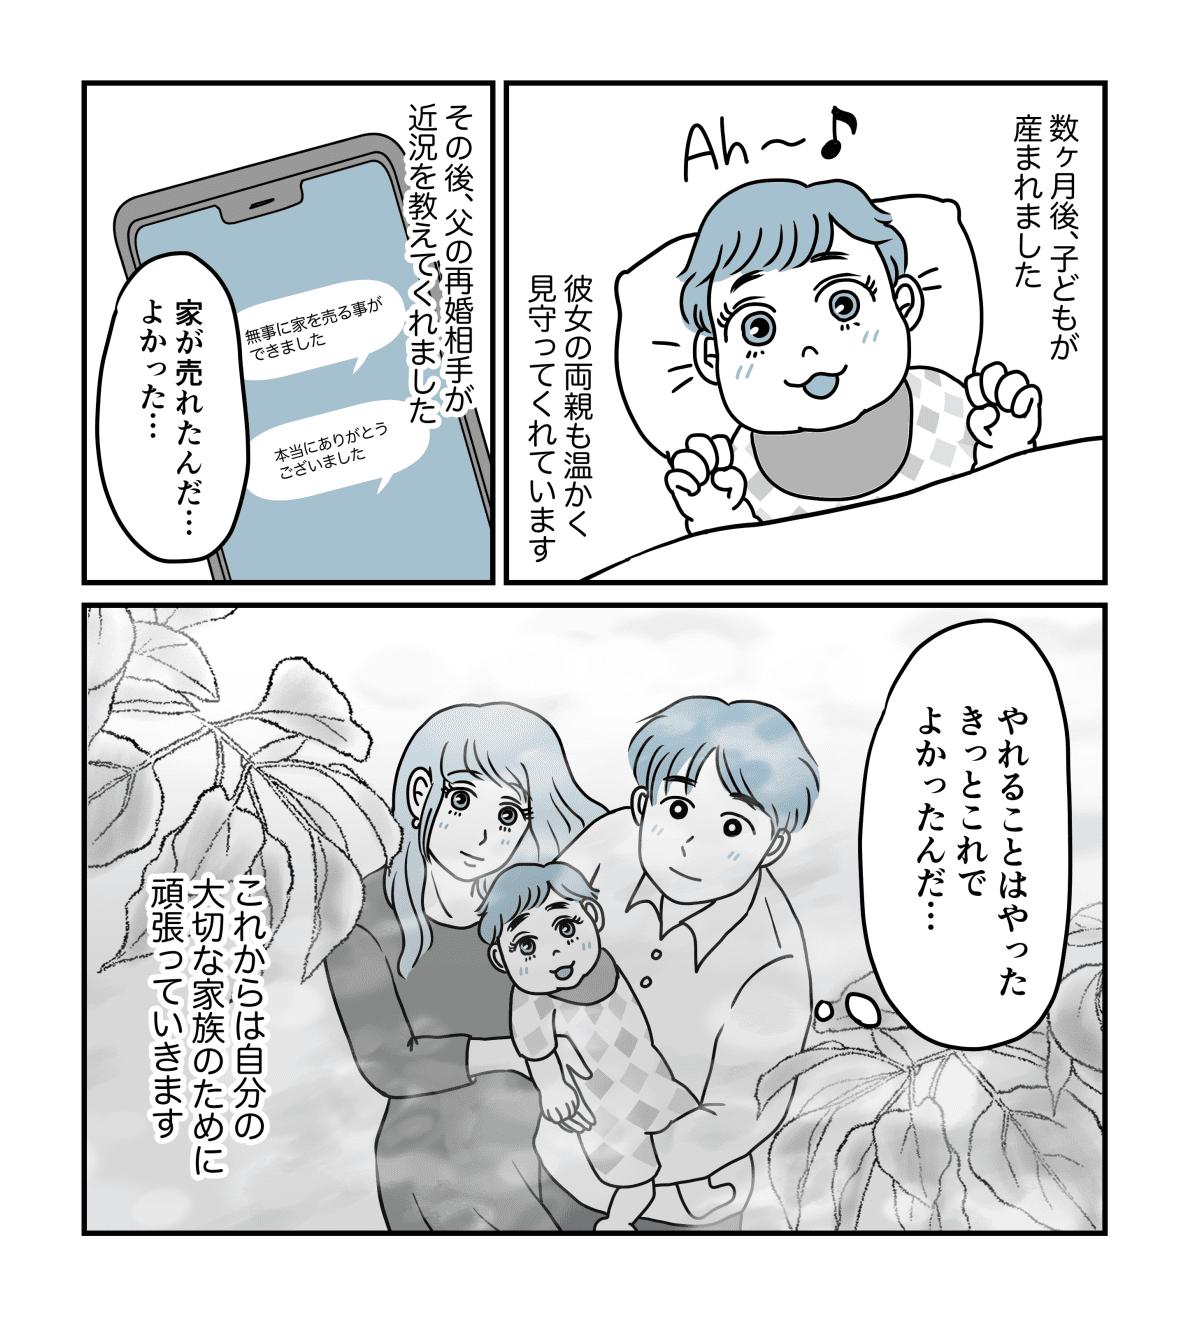 親子リレーローン4−4